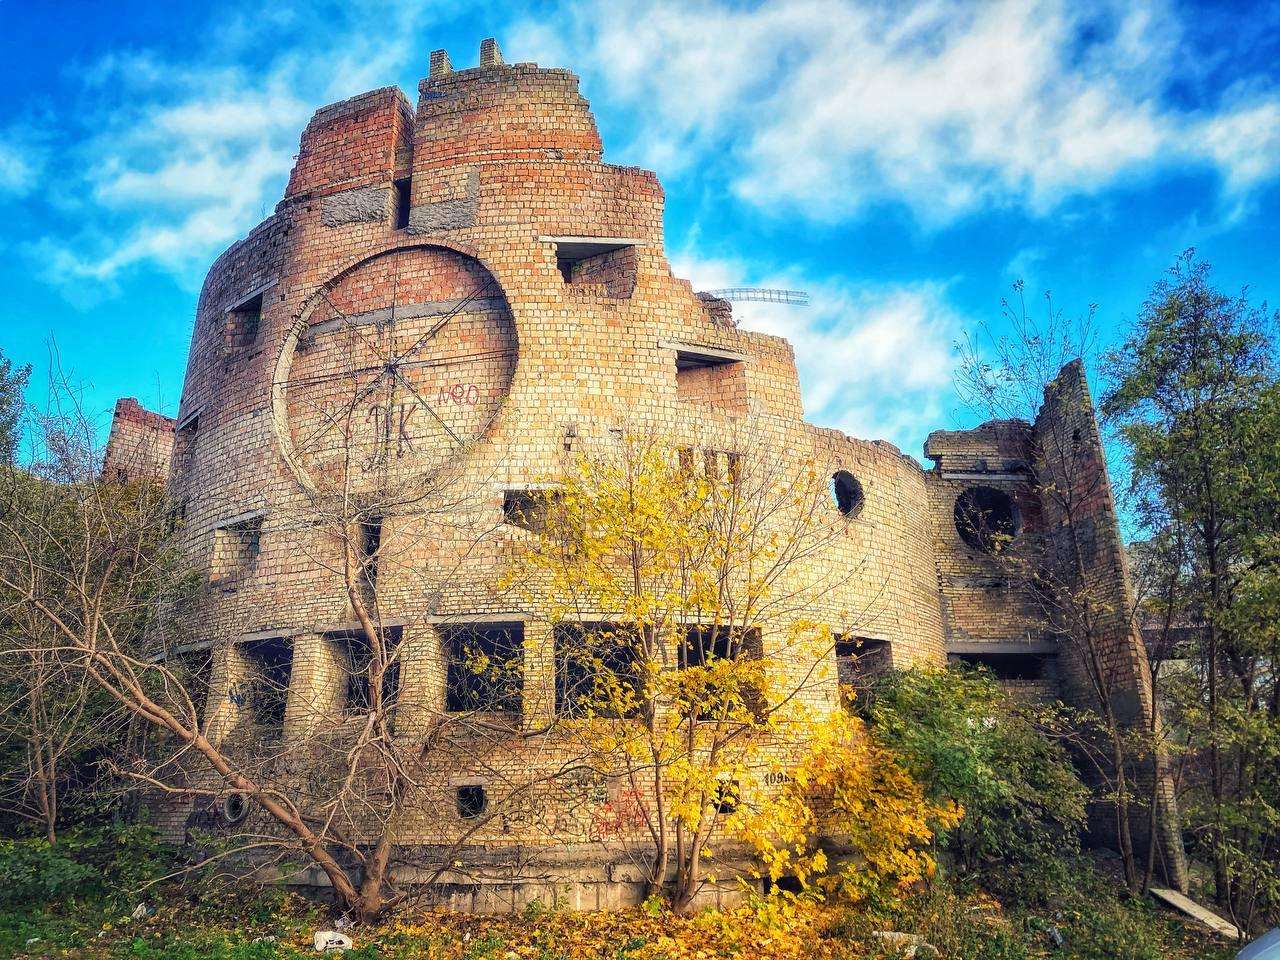 Дворец культуры, известный в народе как ДК Бомж.